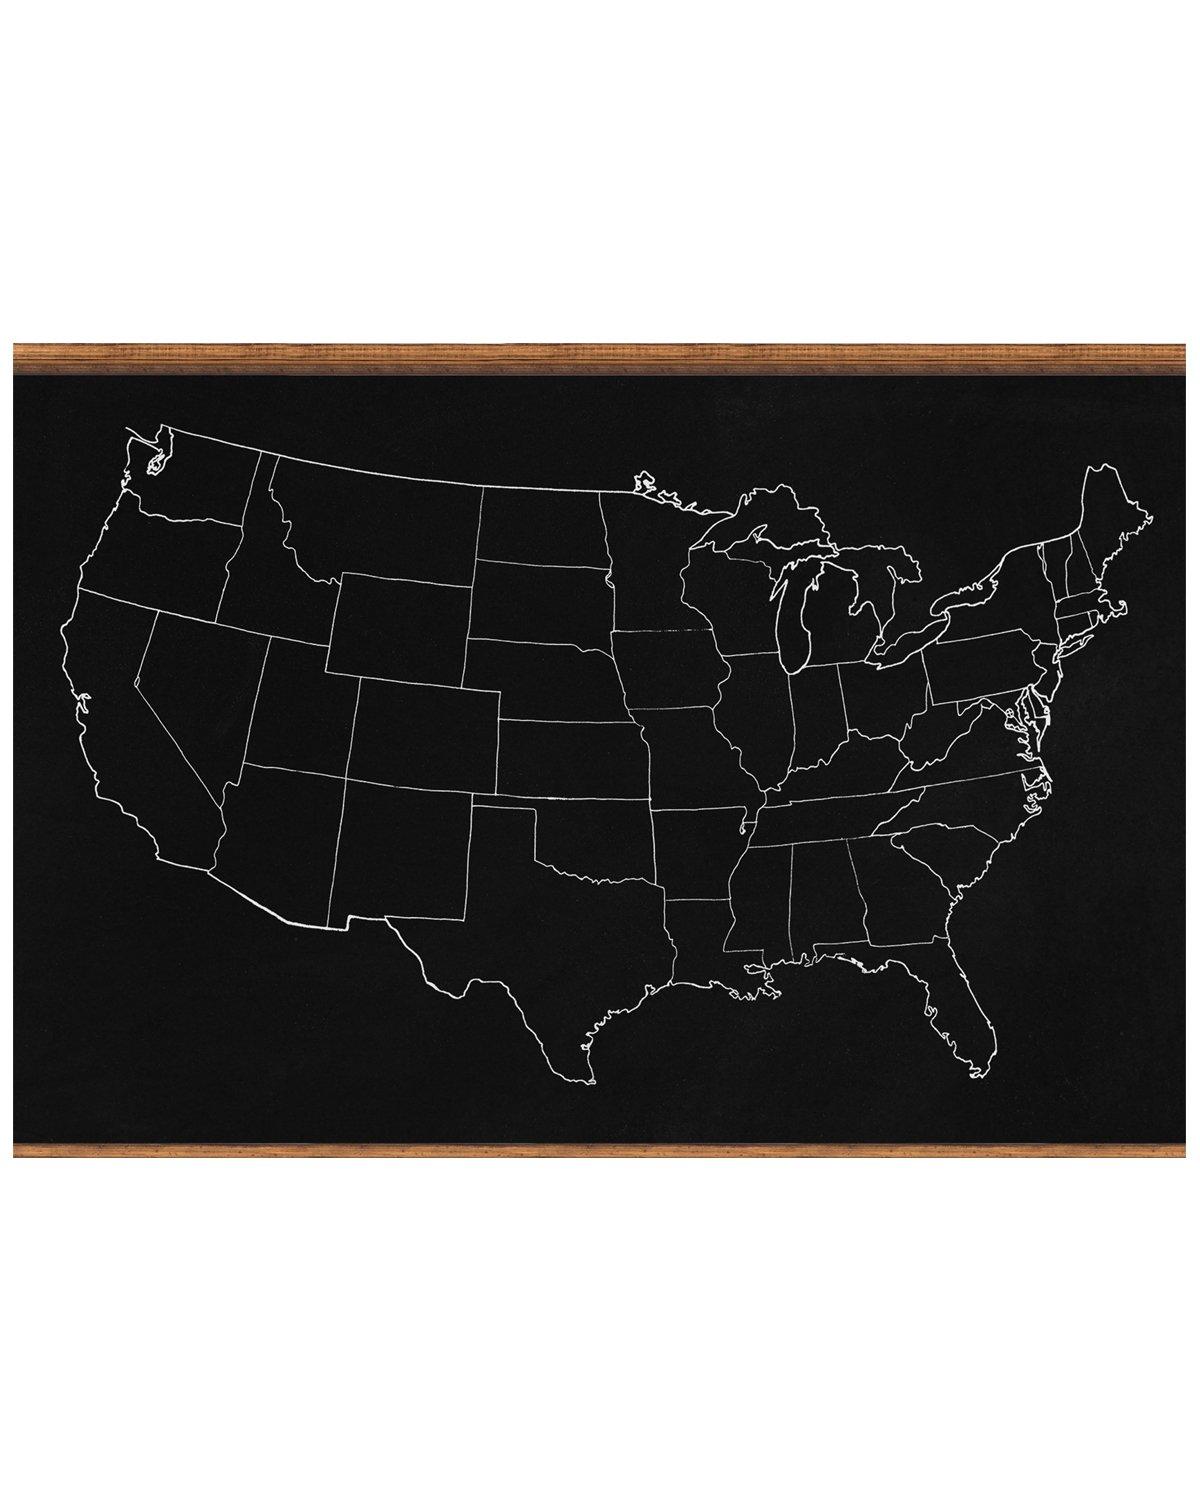 Usa_Chalkboard_Map_1.jpg